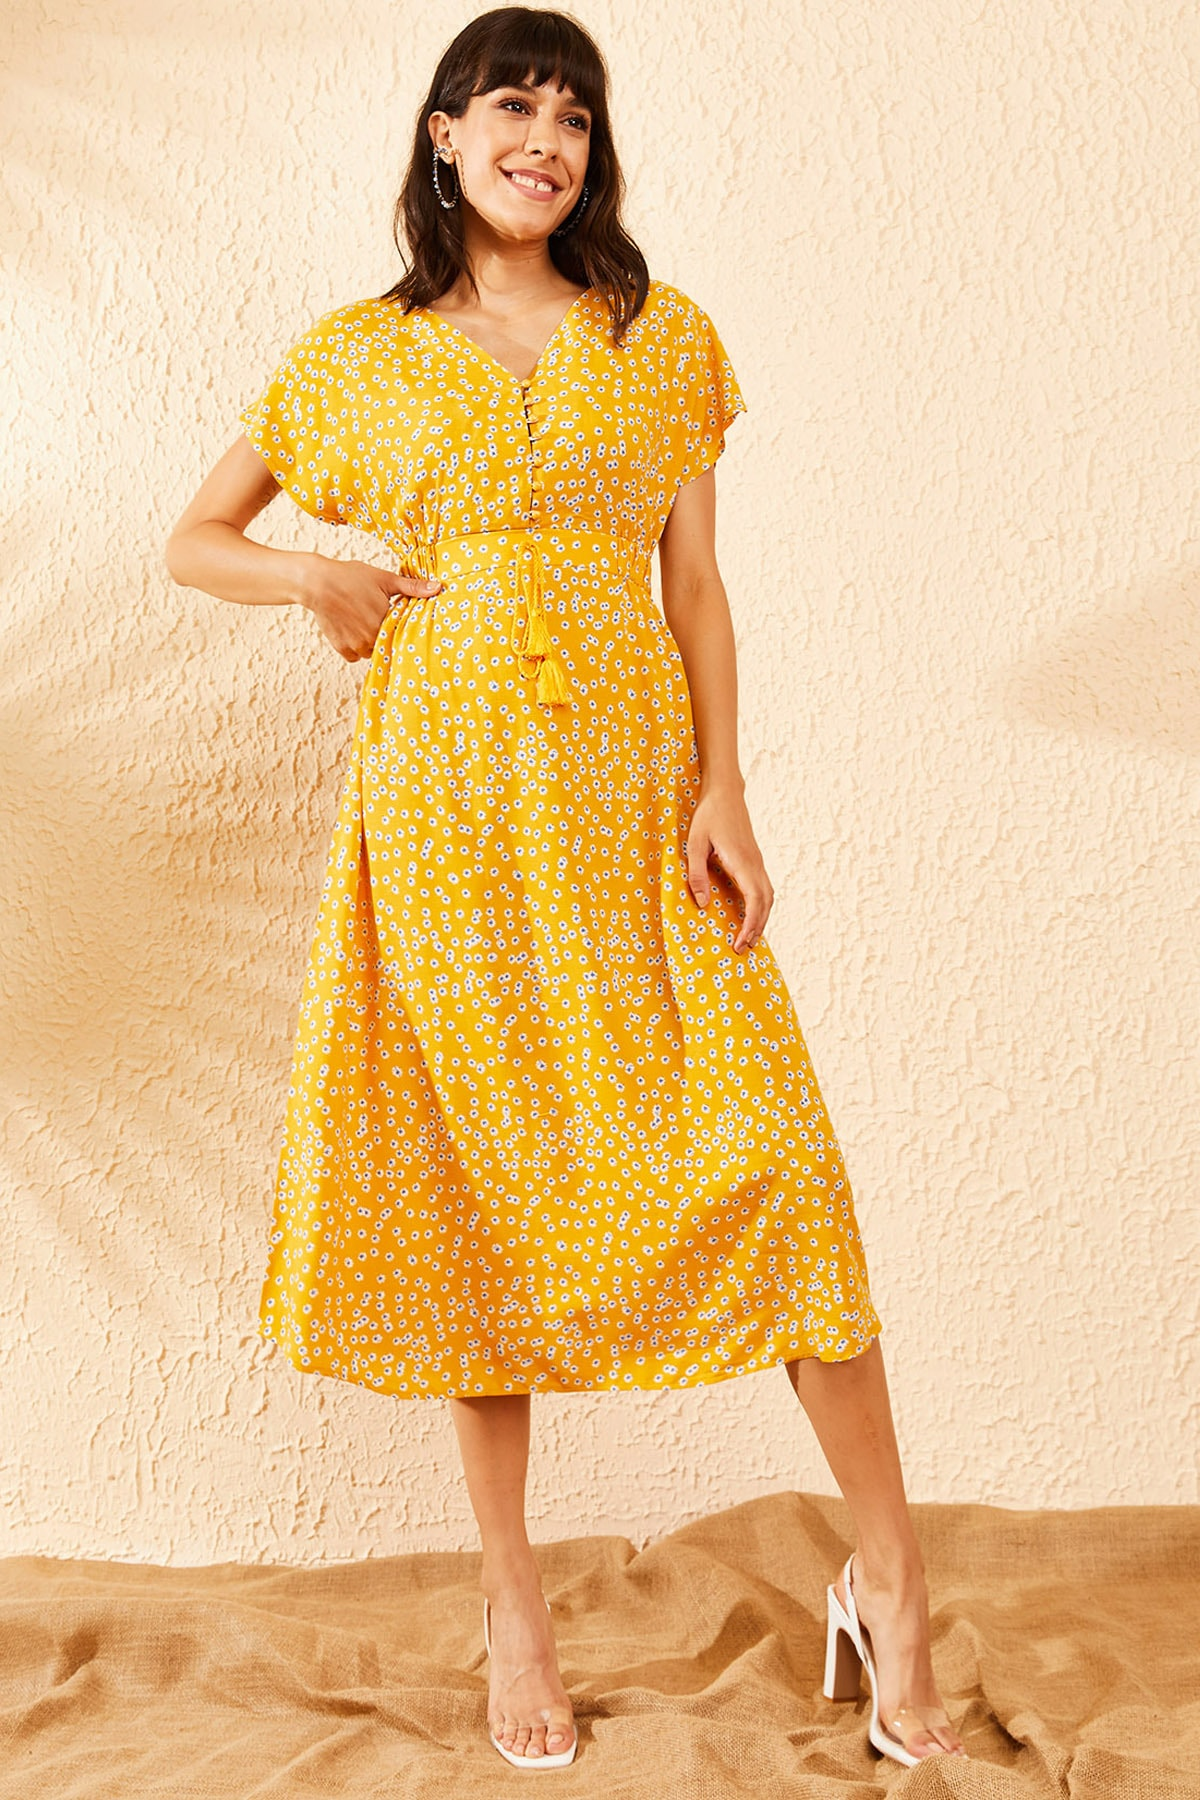 Bianco Lucci Kadın Sarı İp Askılı Beli Lastikli İp ve Düğme Detaylı Papatya Desenli Elbise 10091006